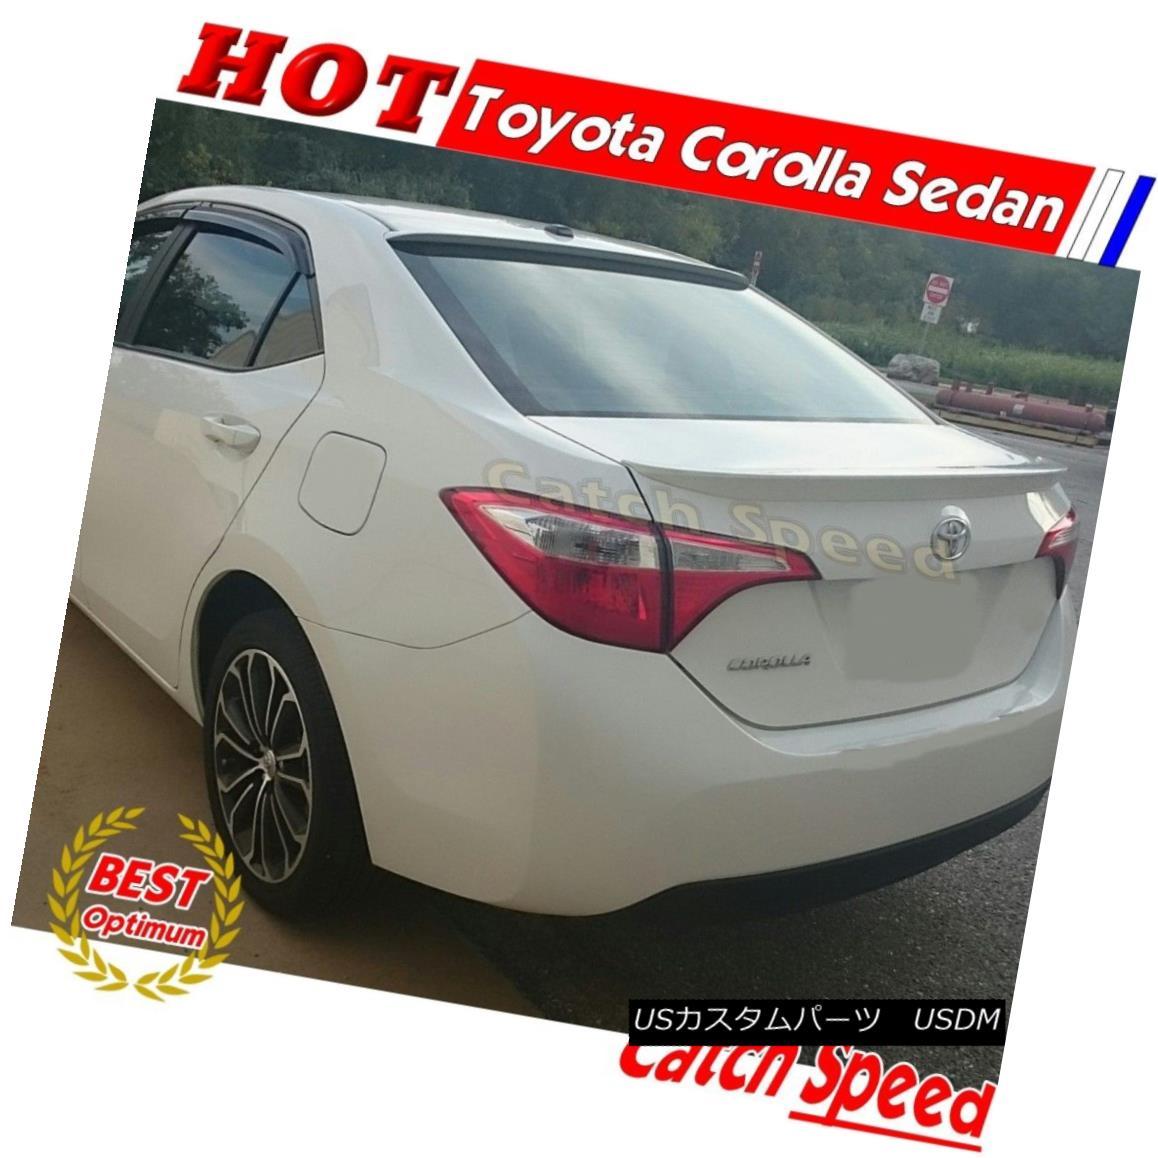 エアロパーツ Painted OE Type Rear Trunk Spoiler For Toyota Corolla 2014-2016 US Sedan トヨタカローラ2014-2016 USセダン用OEタイプリアトランク・スポイラーを塗装